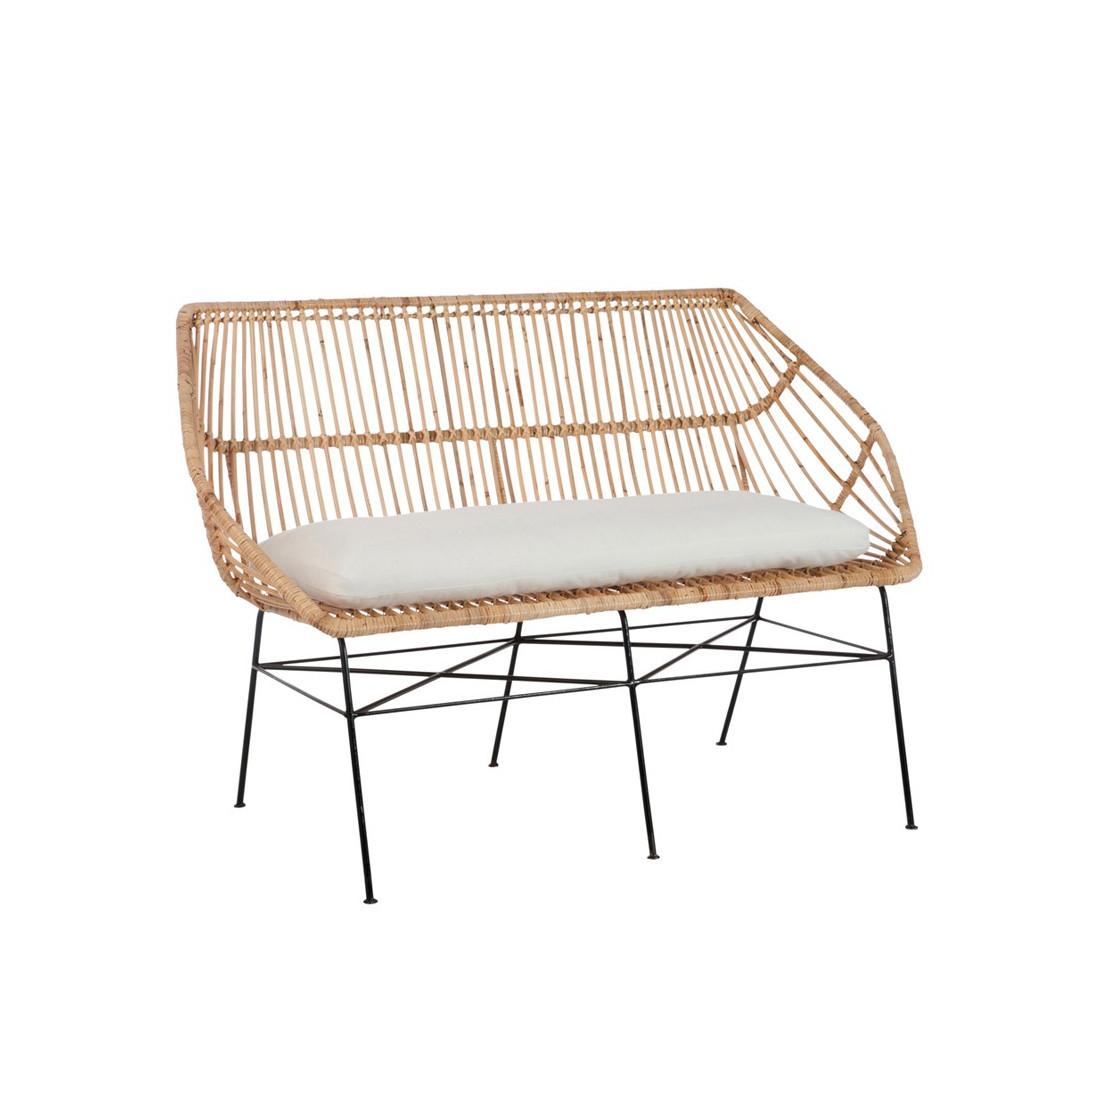 banc en rotin robuste teinte naturelle bloom univers des assises. Black Bedroom Furniture Sets. Home Design Ideas